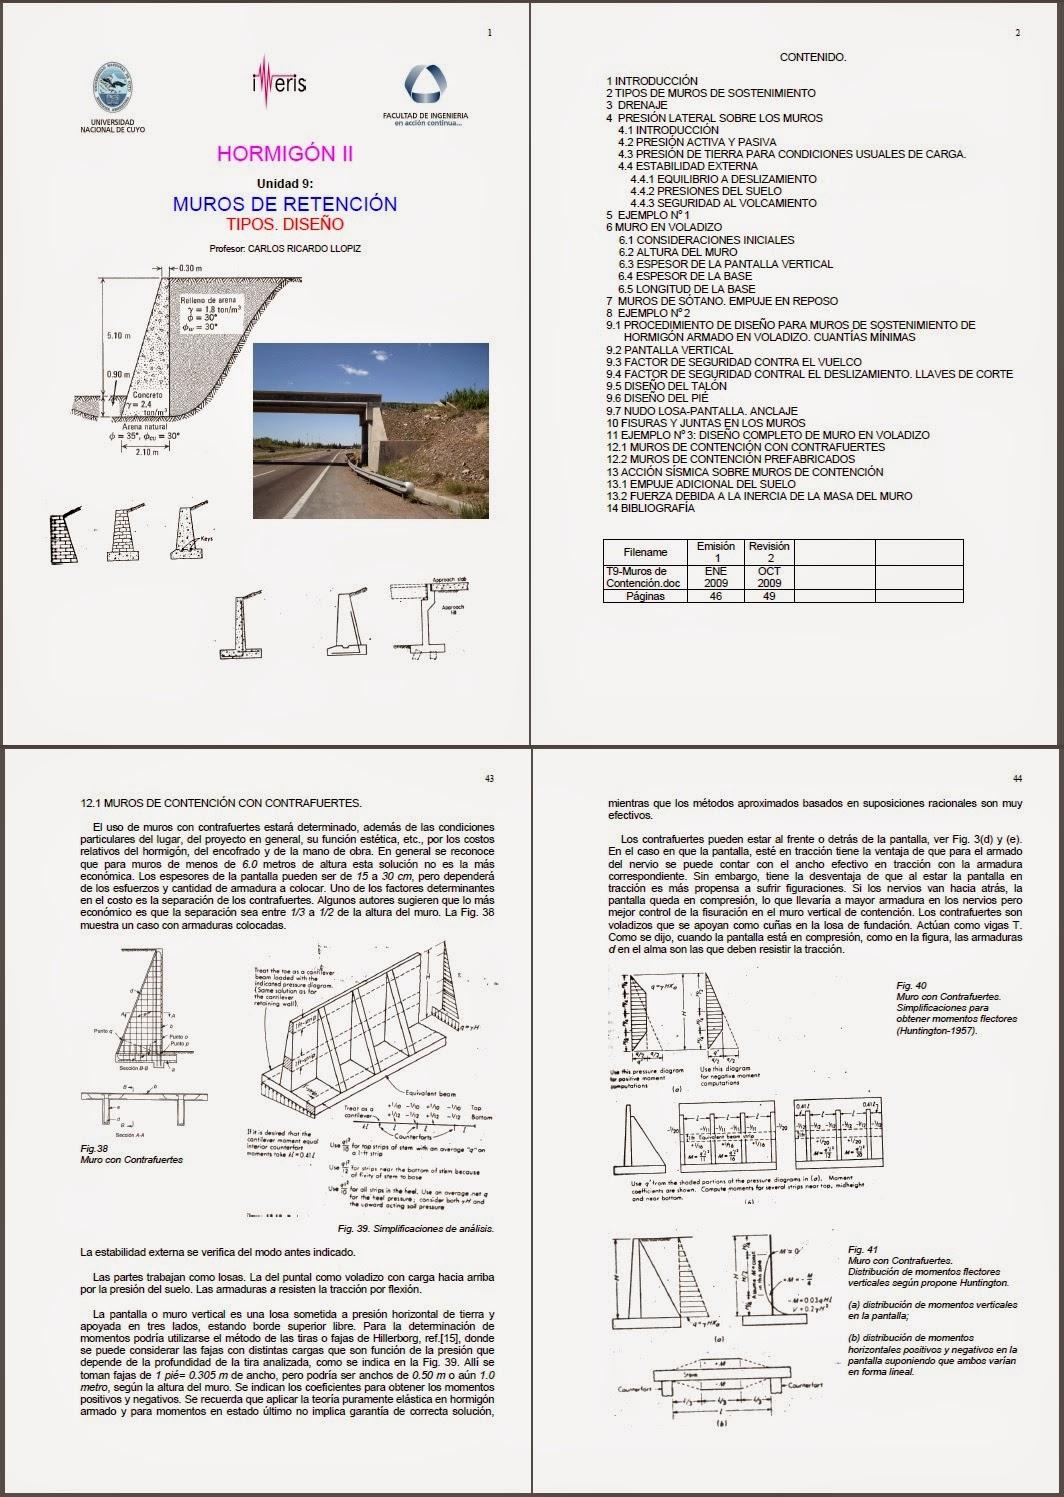 Muros de retencion tipos diseño